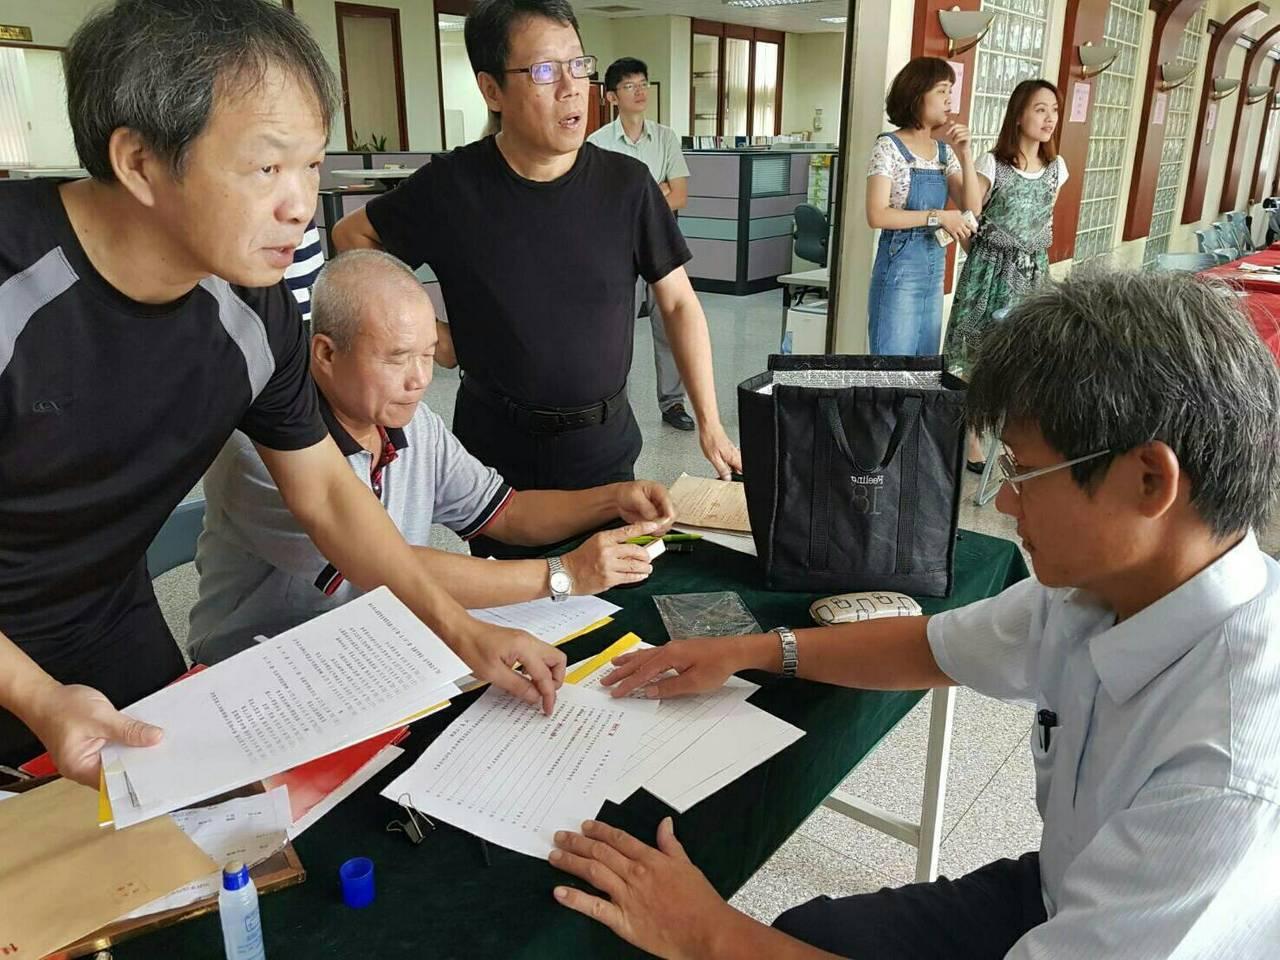 選舉登記來到第四天,牙醫師林佳瑜今天上午一早隻身前往縣選舉委員會登記參選雲林縣長...